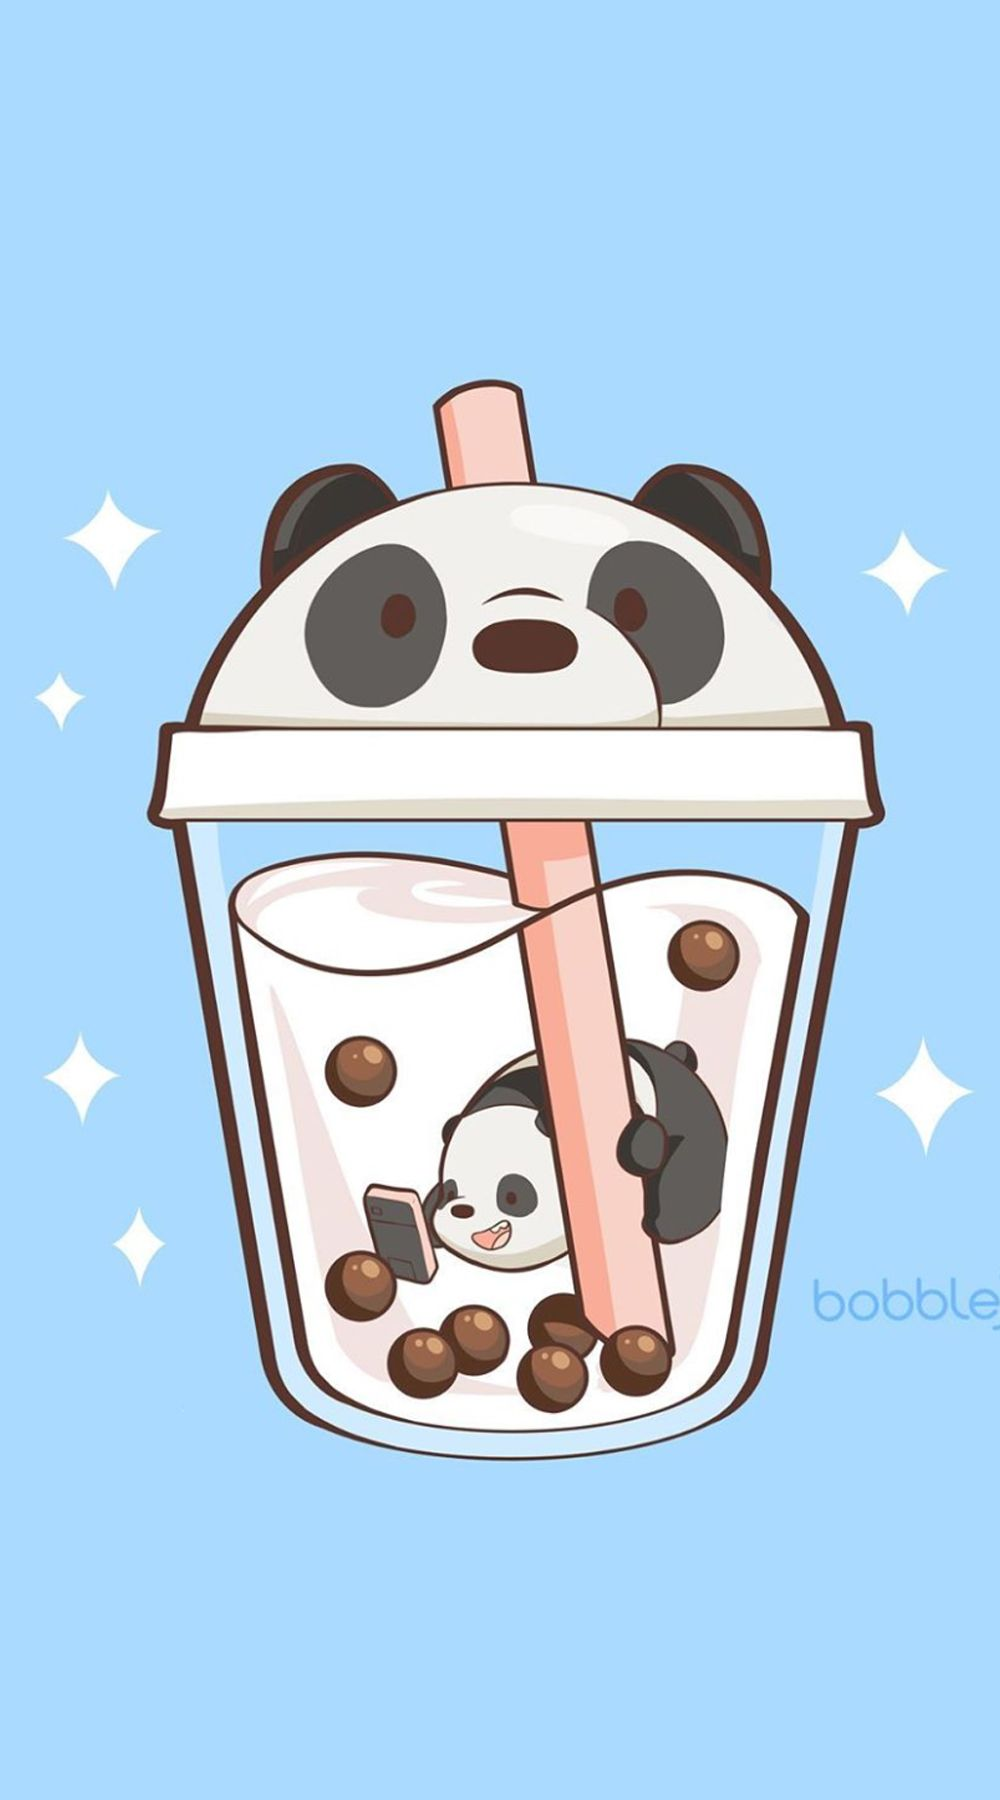 Pin By Sophia Ortega On Cute Things In 2021 Cute Panda Wallpaper Cute Cartoon Drawings Iphone Wallpaper Girly